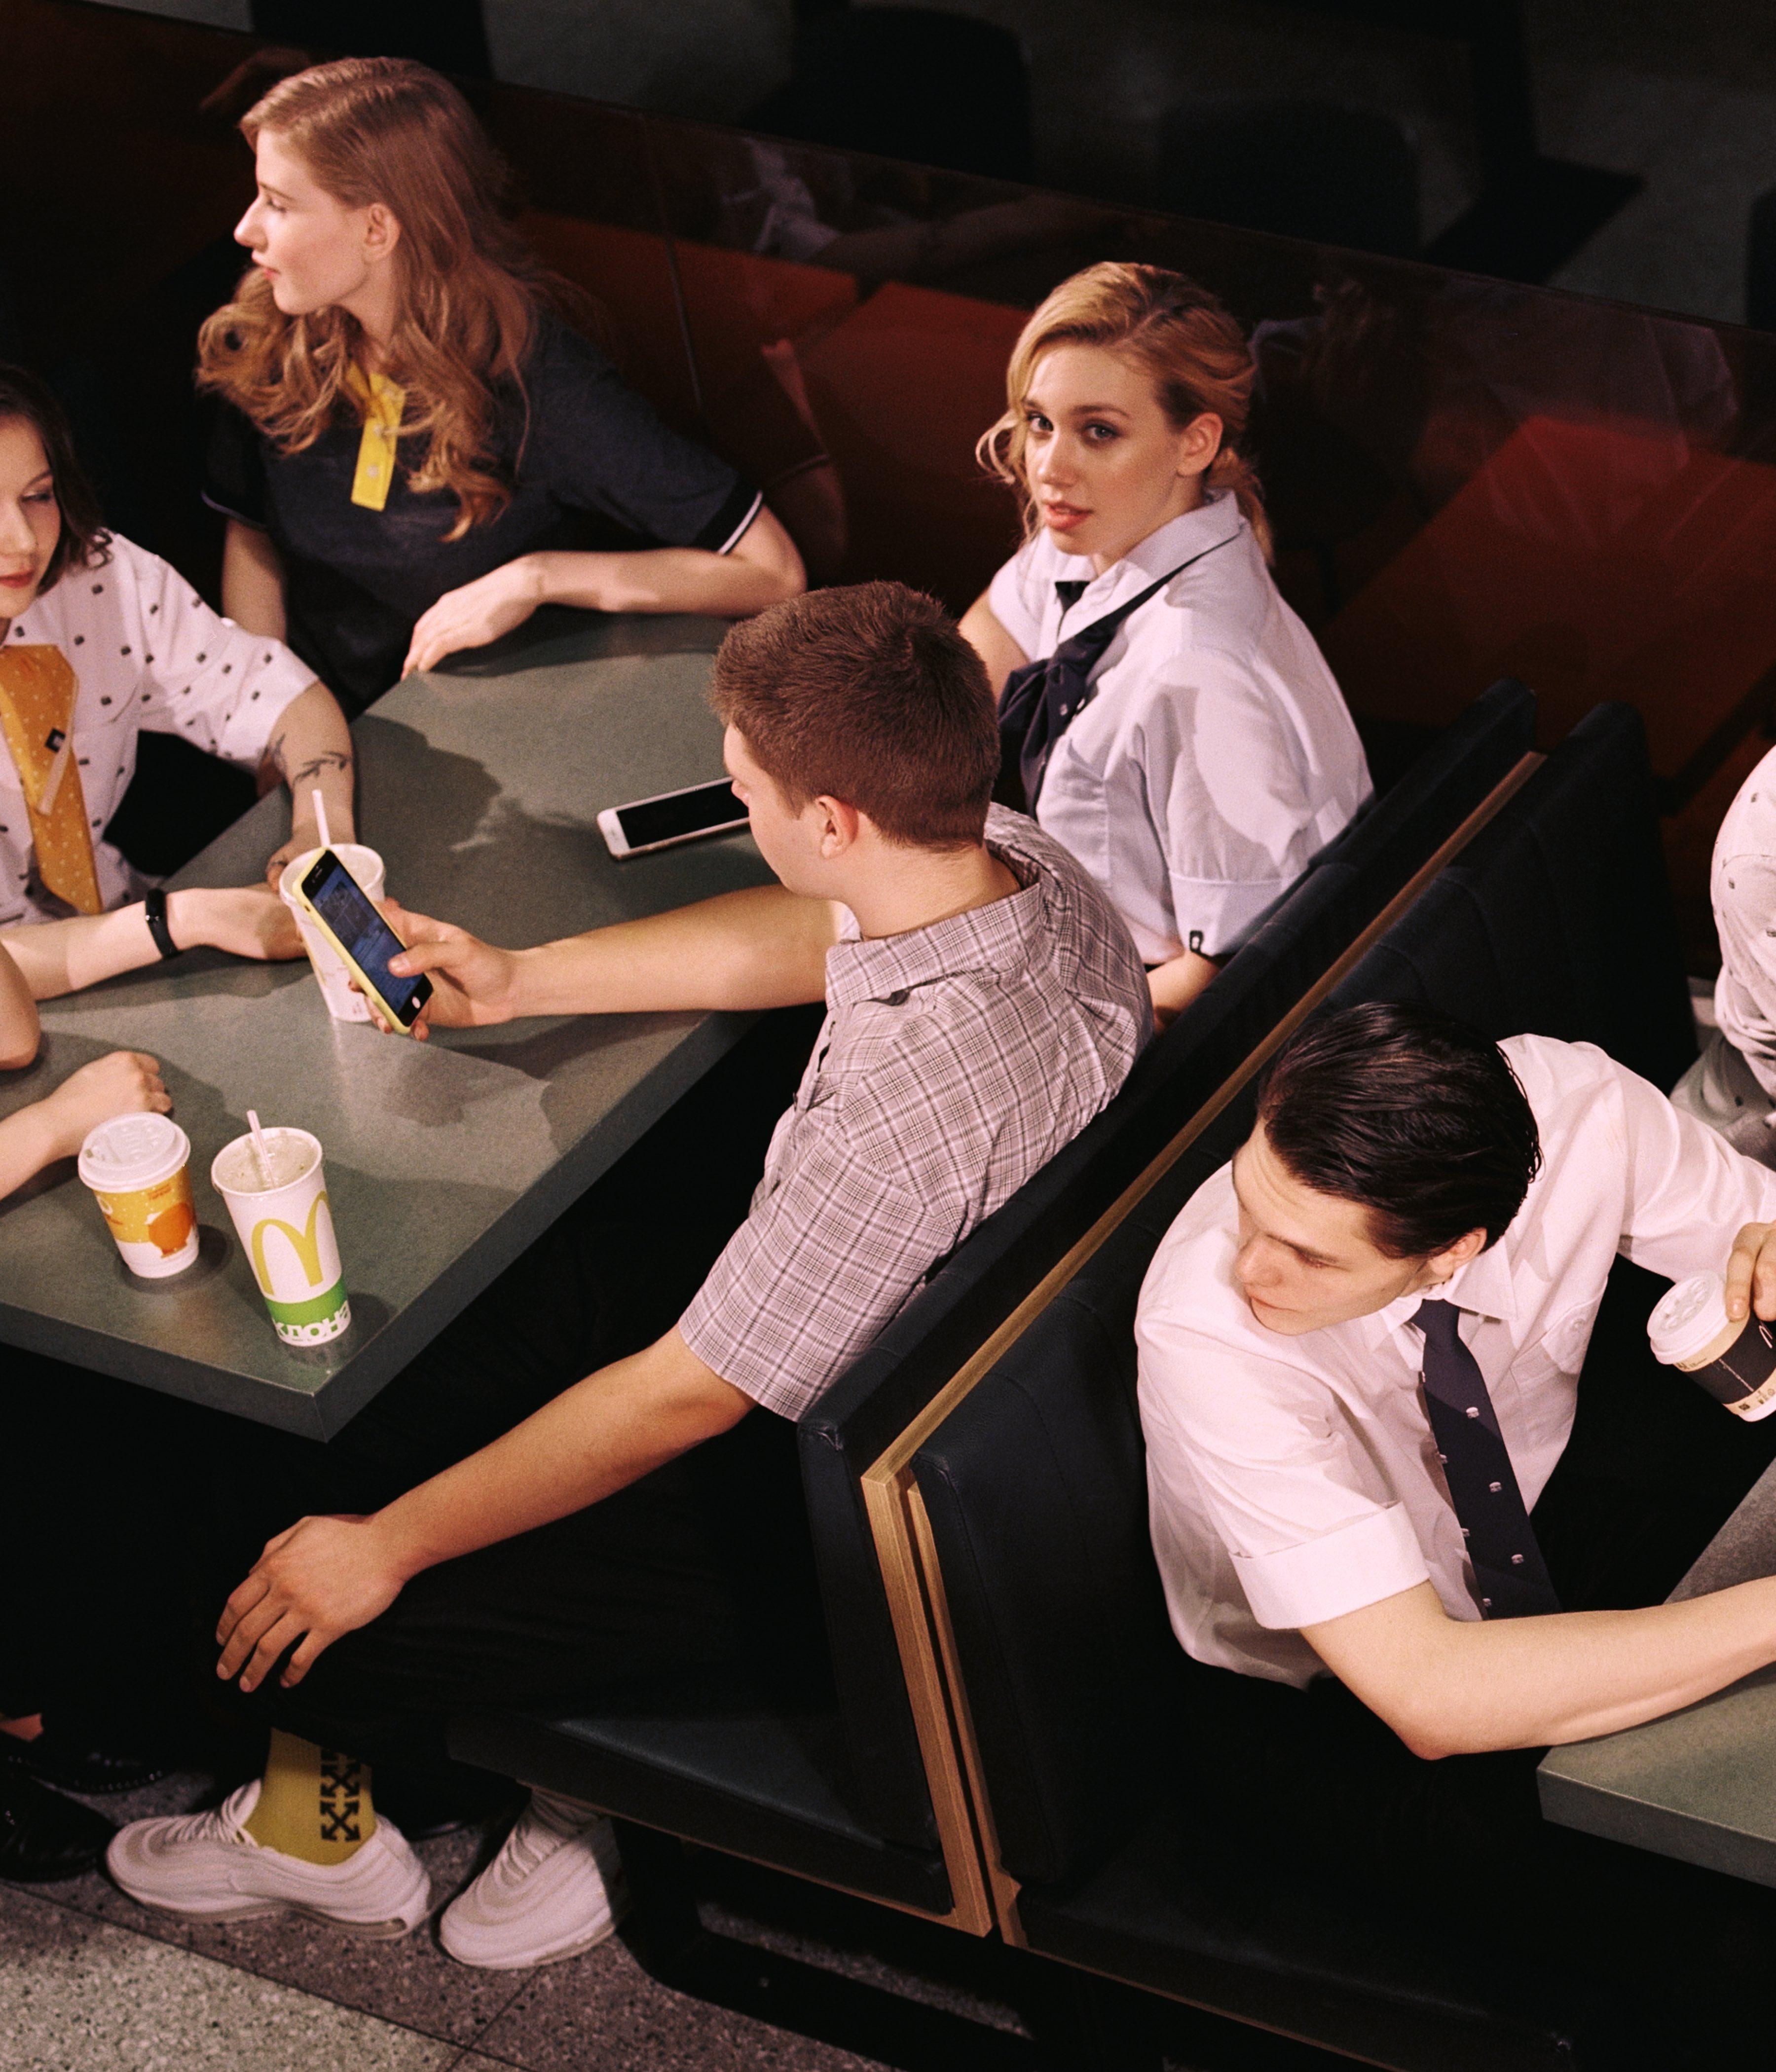 Мифы и правда о mcdonald's от бывшего сотрудника ресторана